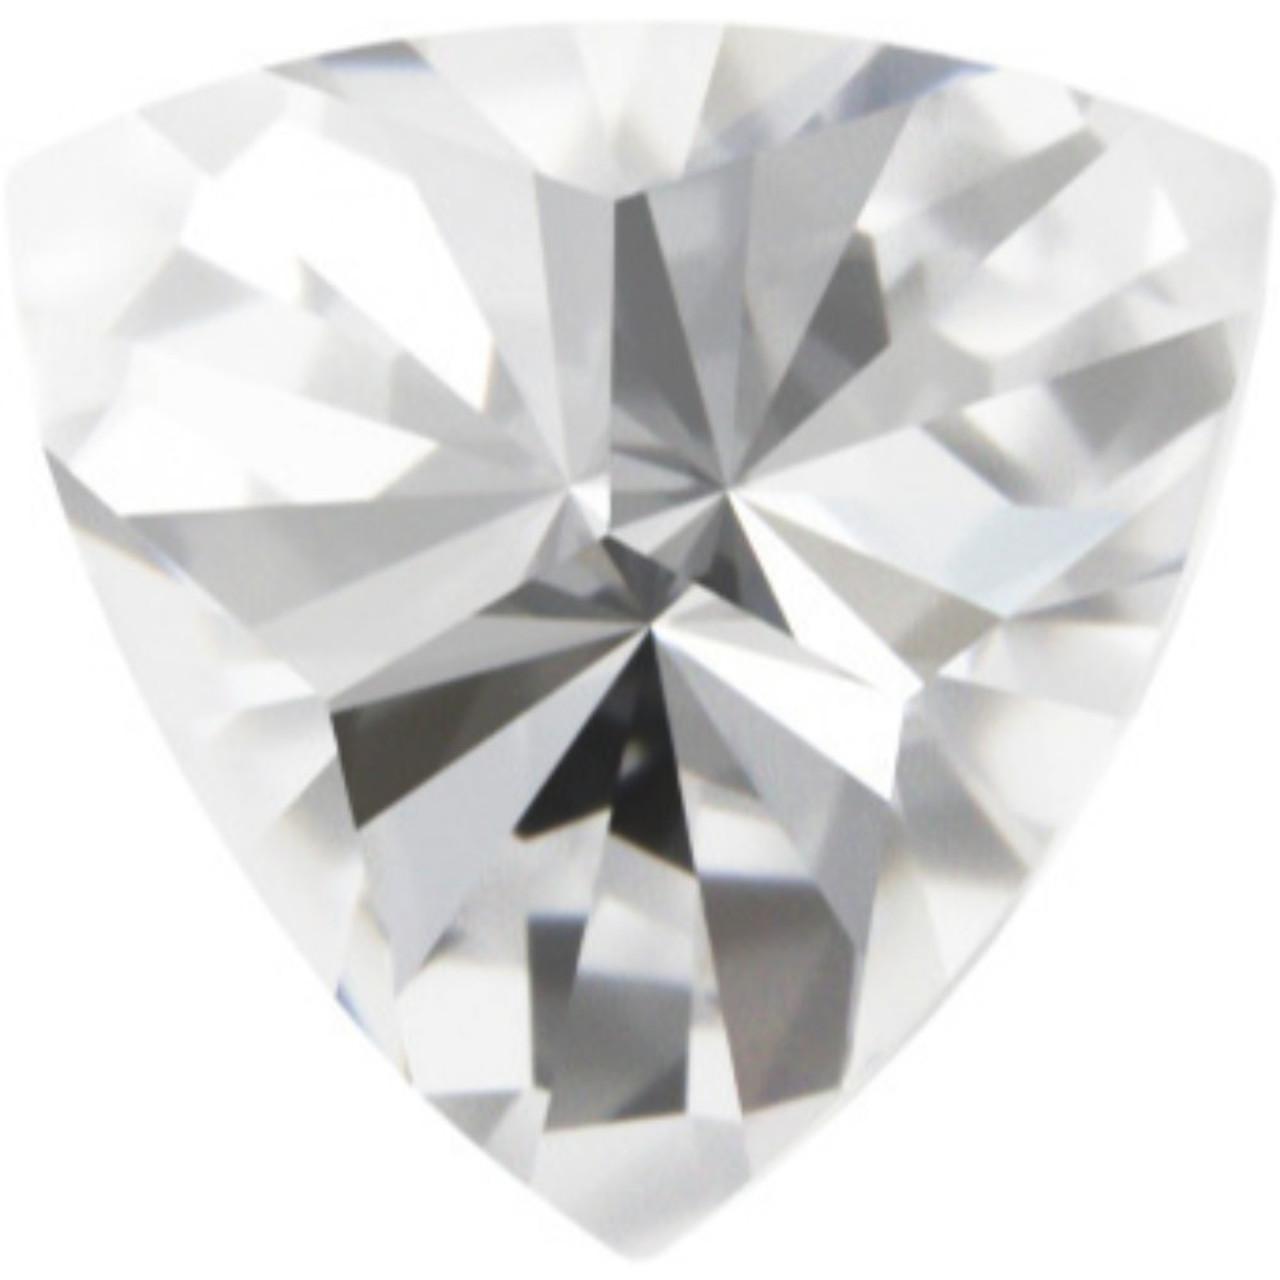 cd123c655c7 Swarovski 4799 6mm Kaleidoscope Triangle Fancy Stones Crystal ...